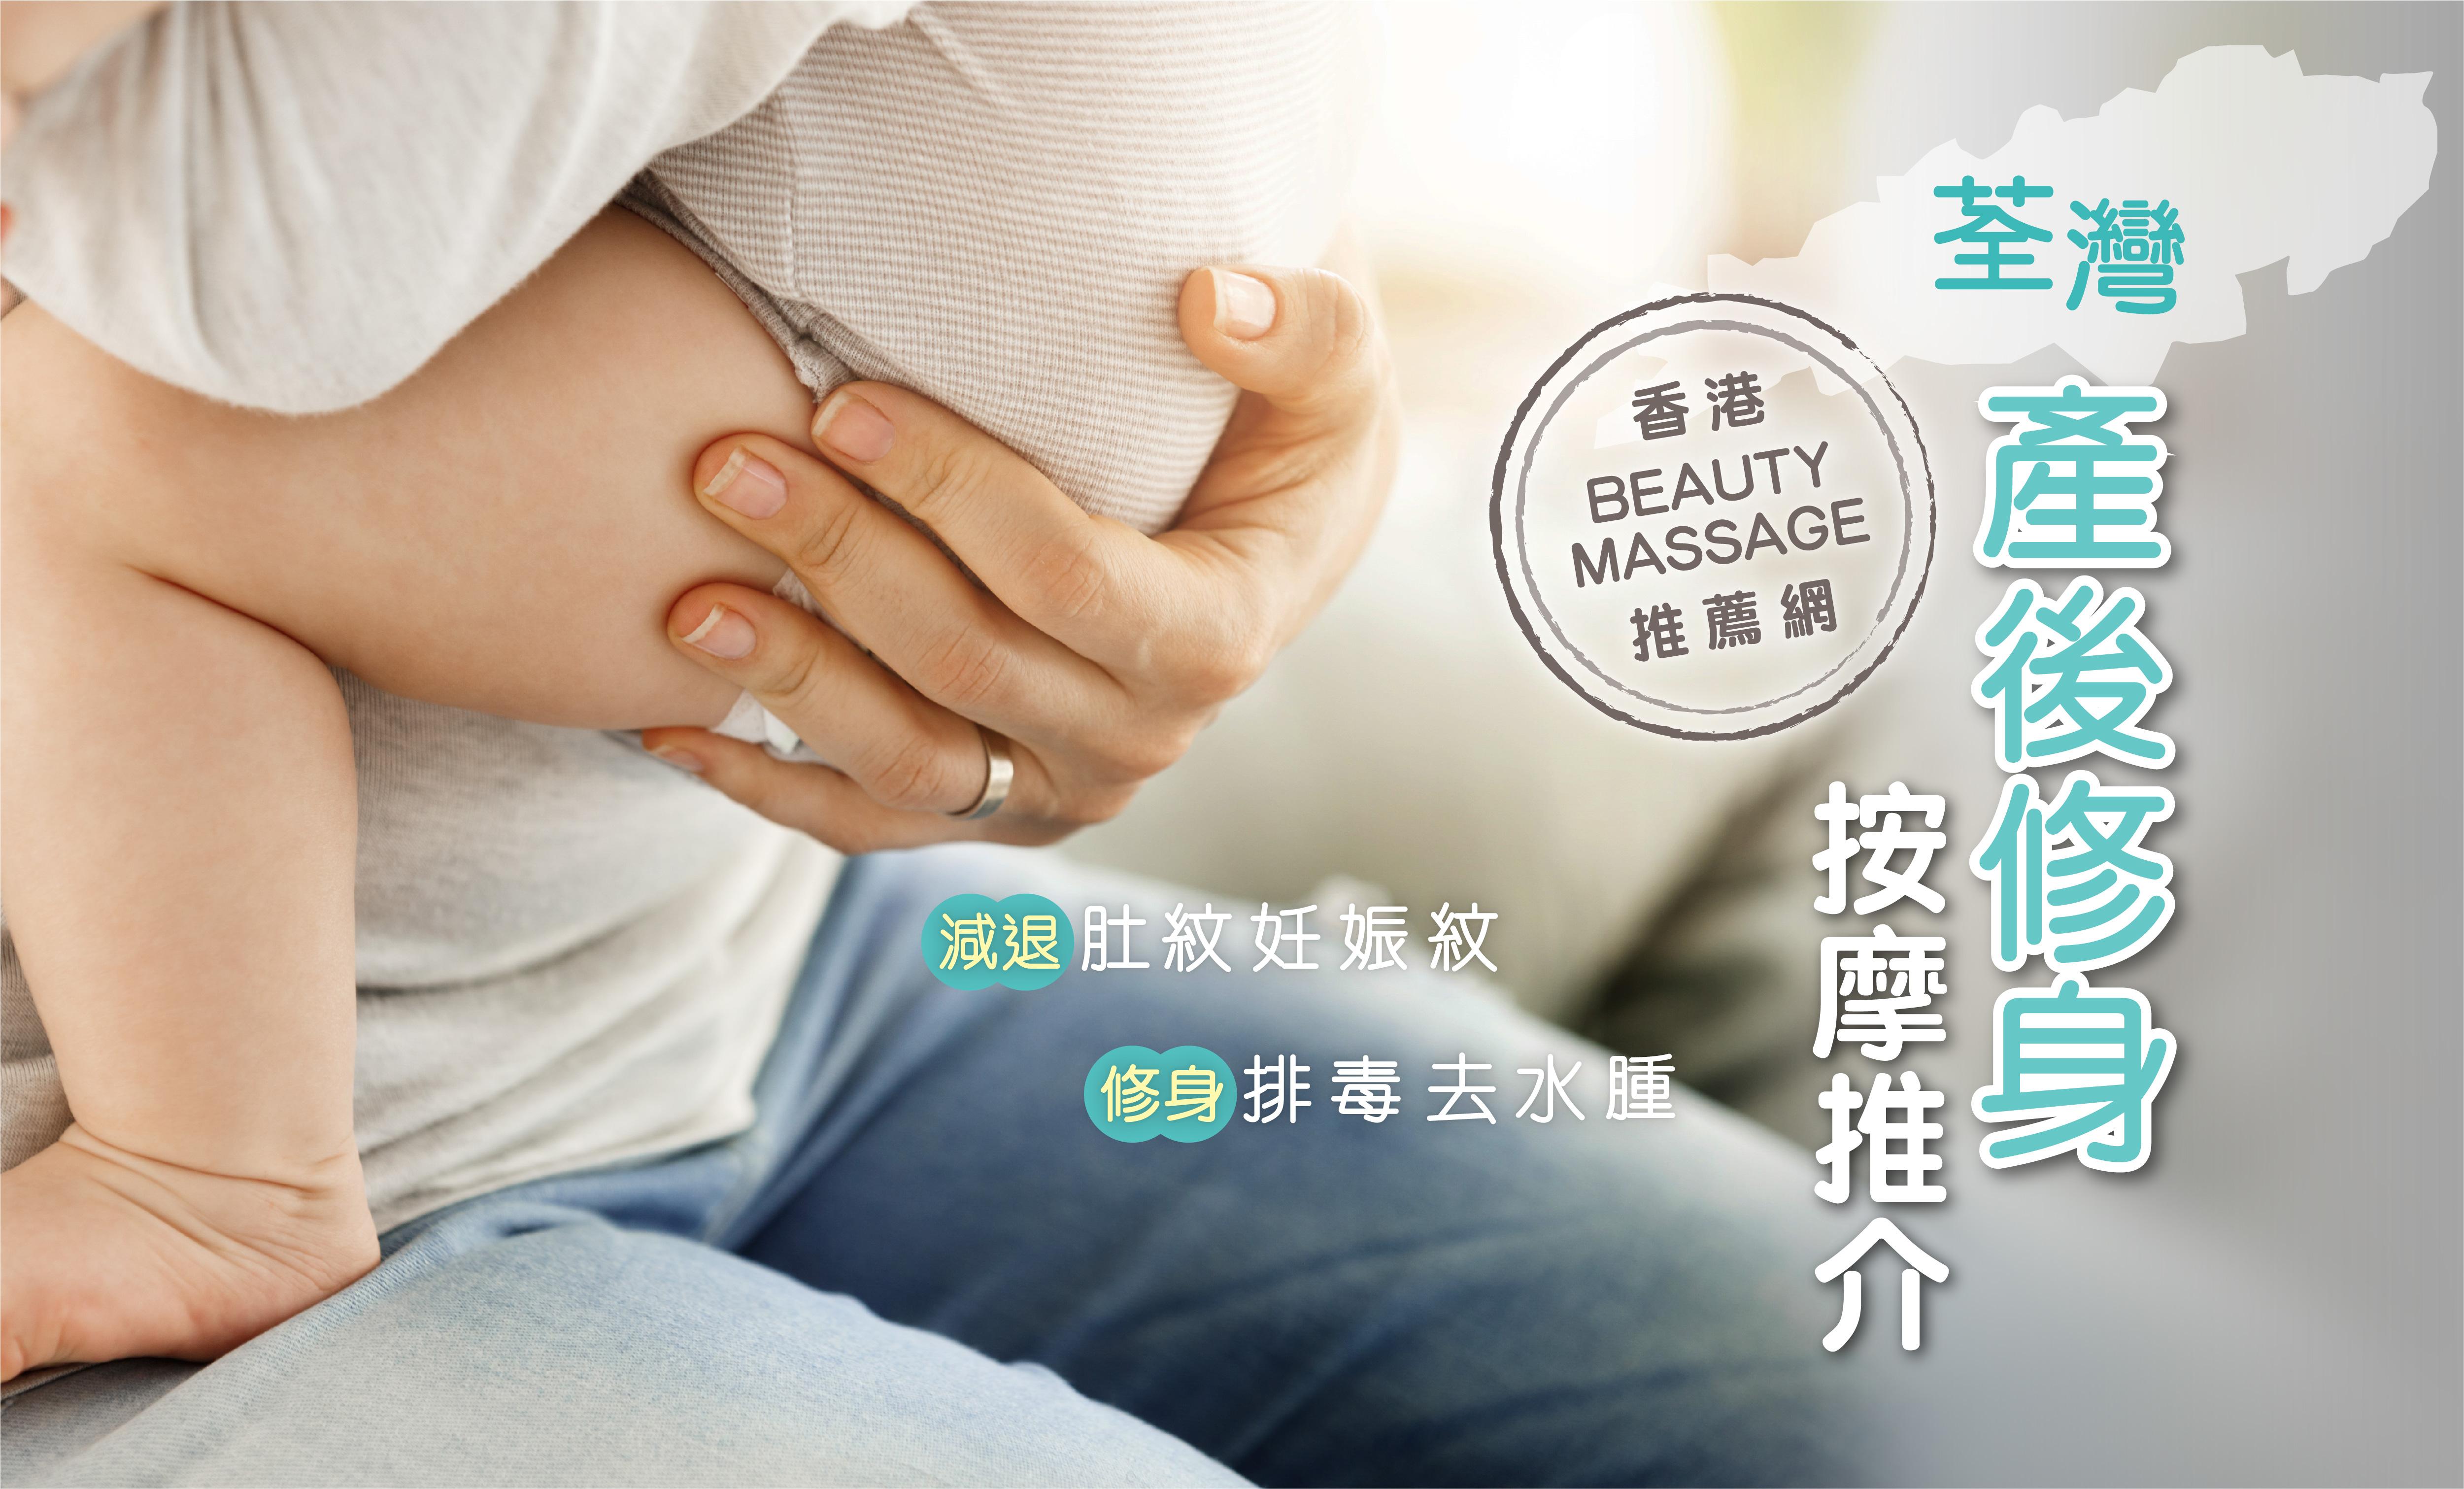 荃灣產後修身按摩推介—香港Beauty Massage推薦網